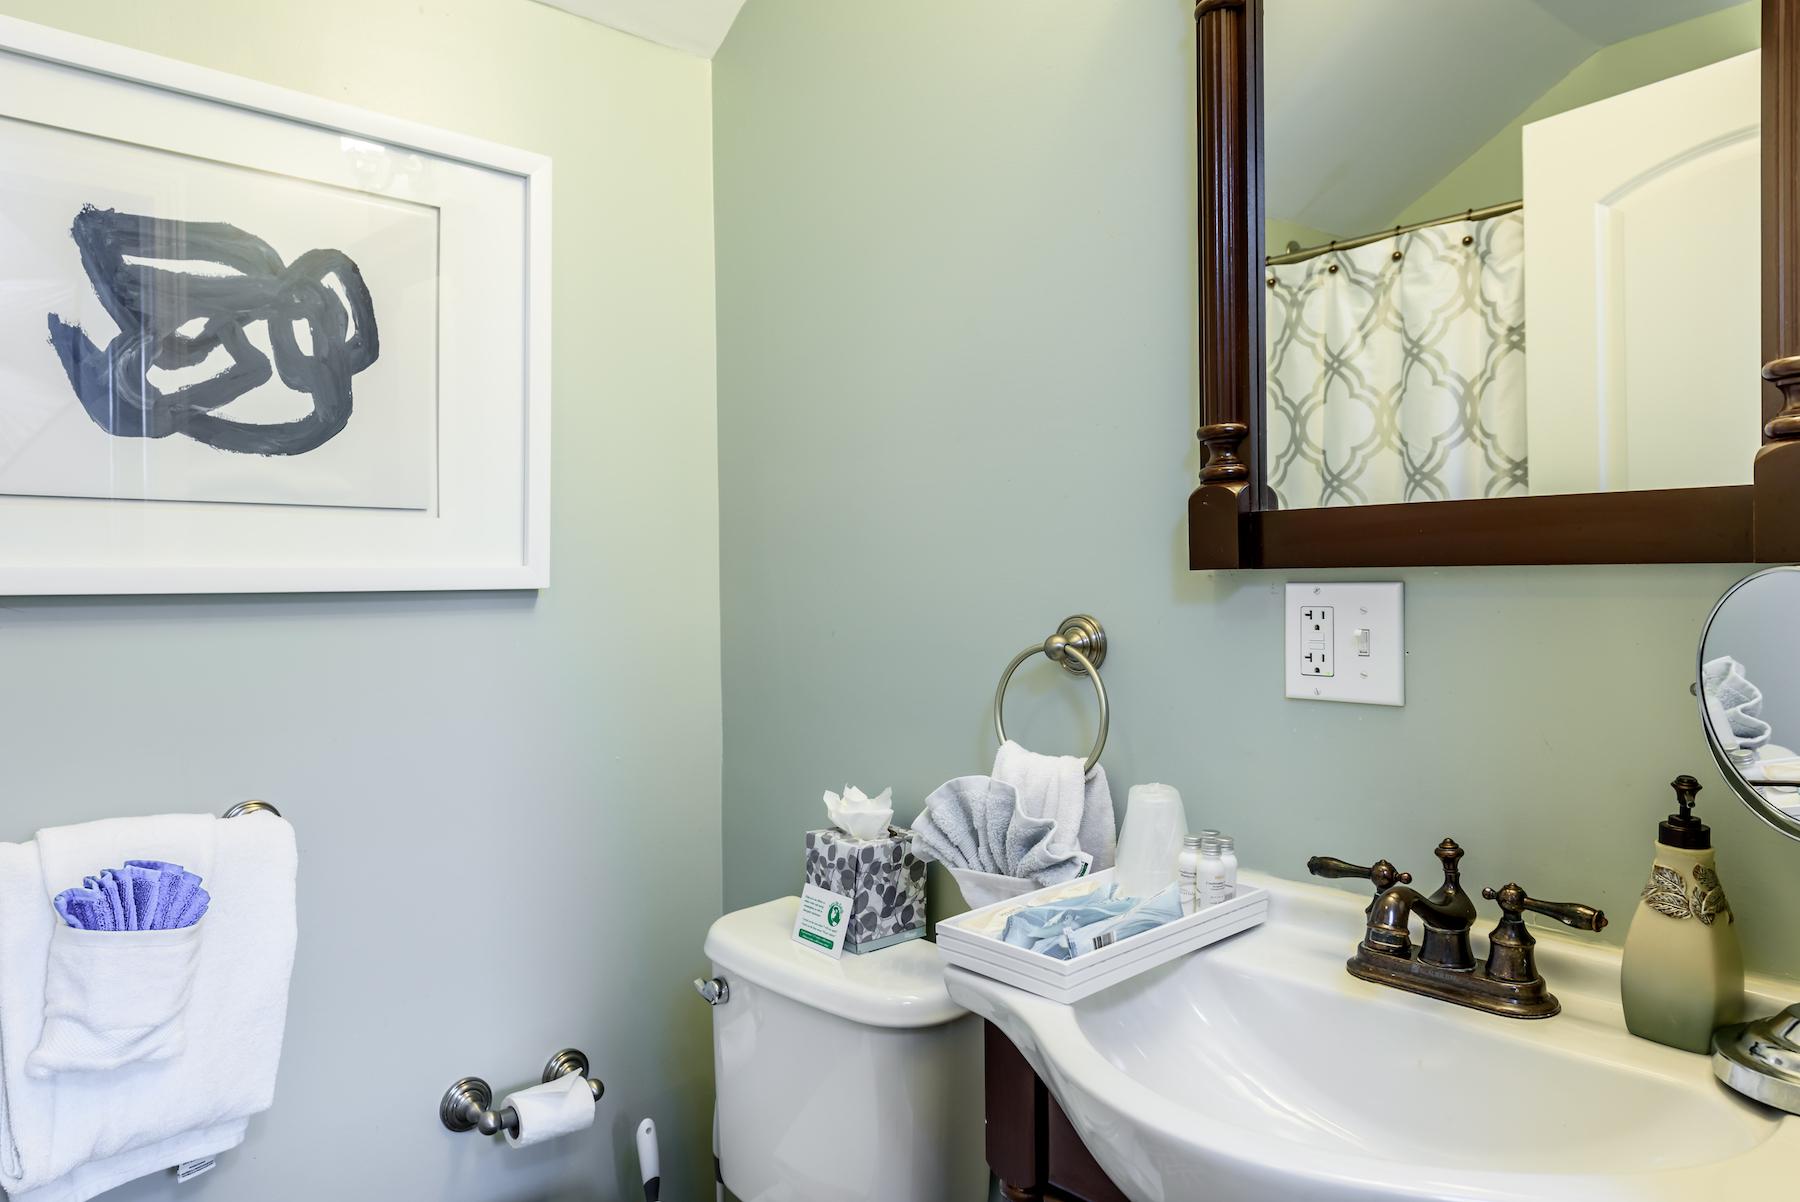 Inn-Room-16-and-Bathrooms-20180419-078-Copy-1